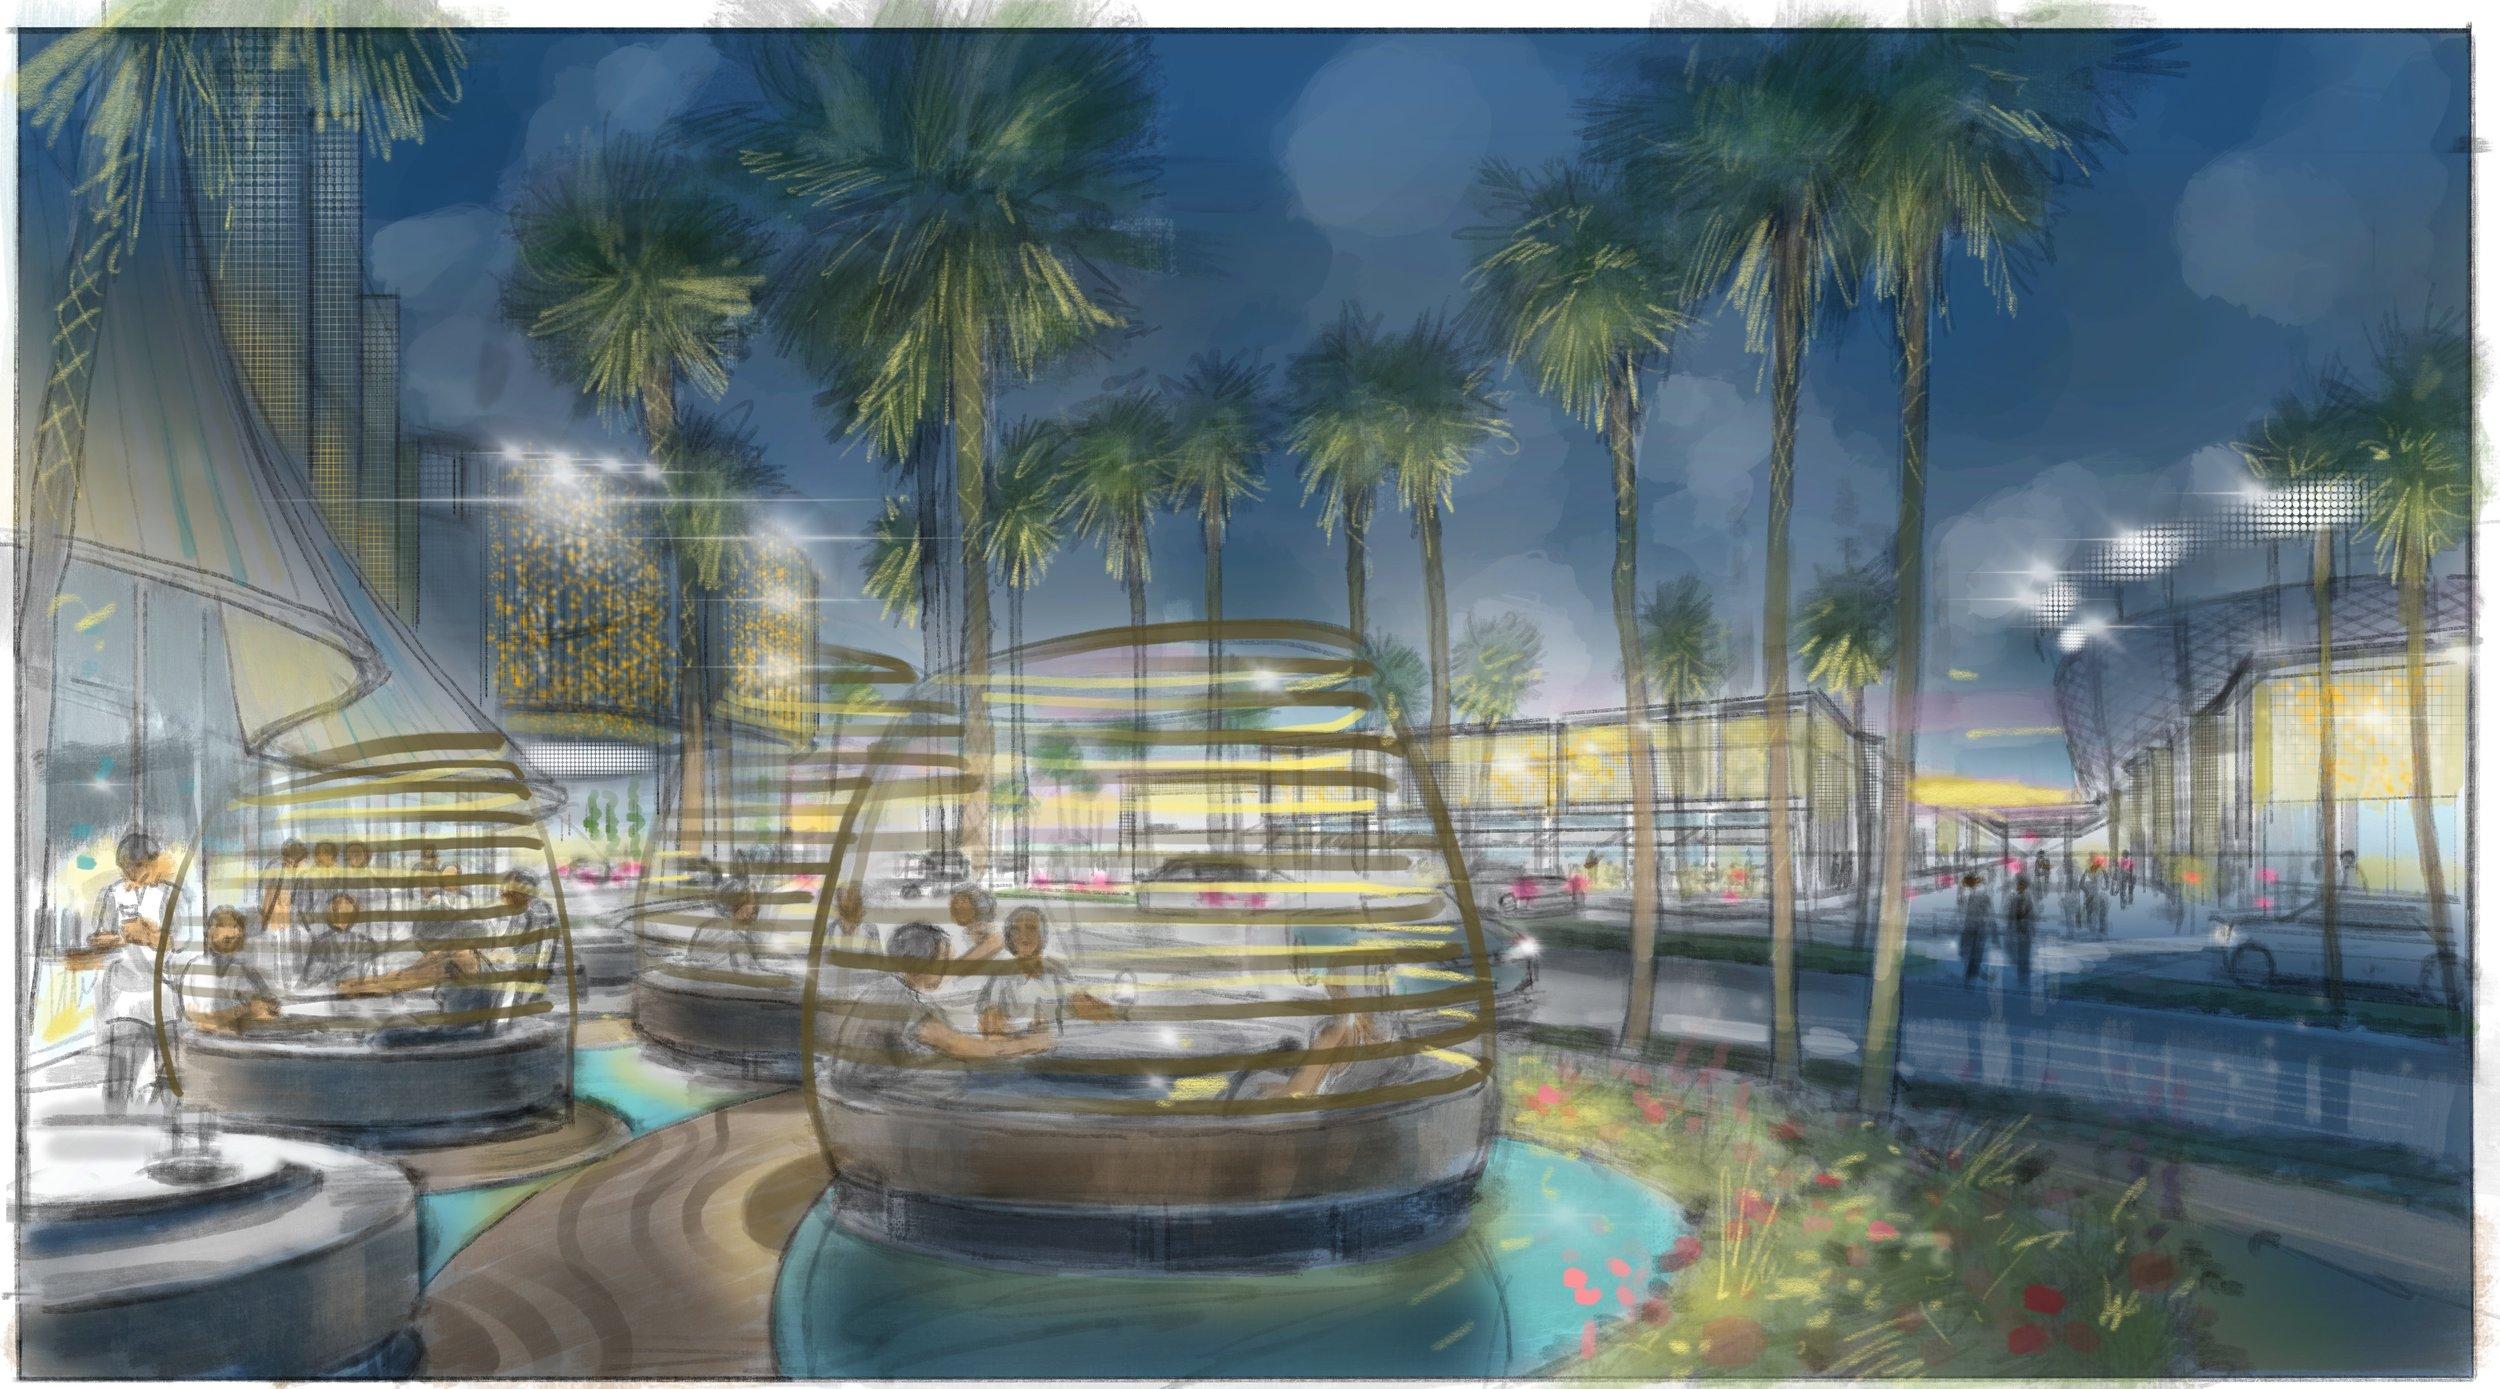 Tampa_casino-night 2.jpg